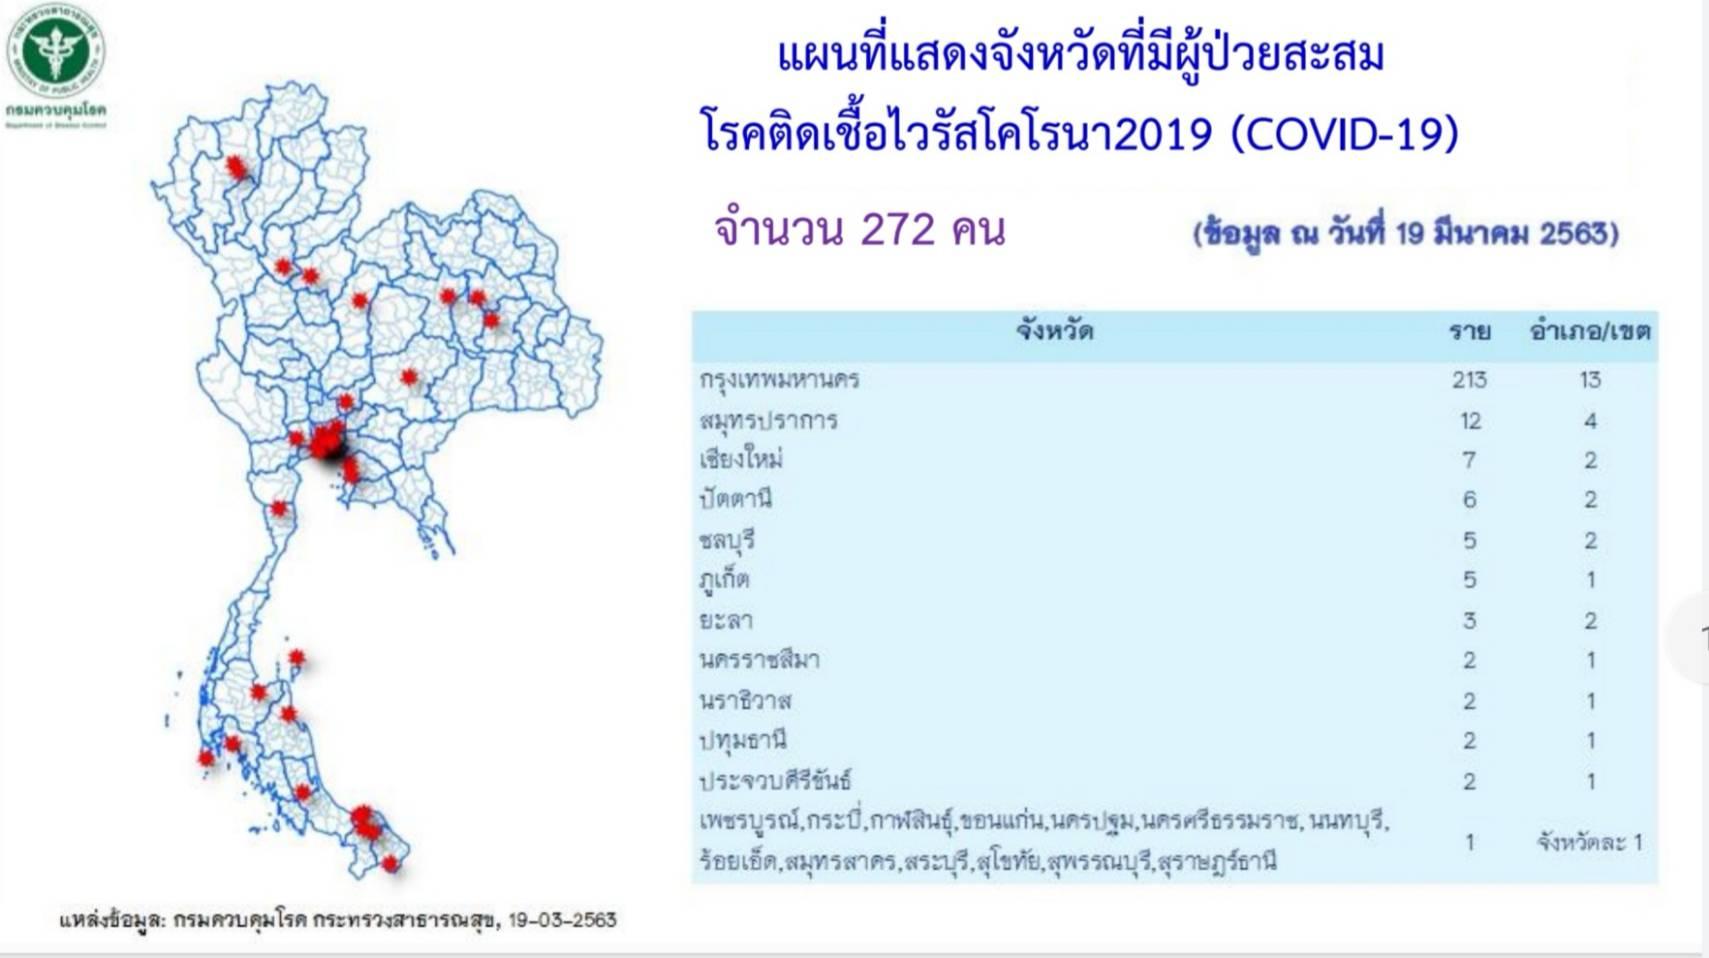 ส่องแผนที่เบื้องต้นผู้ป่วย COVID-19 จังหวัดไหนมีผู้ป่วยกี่ราย